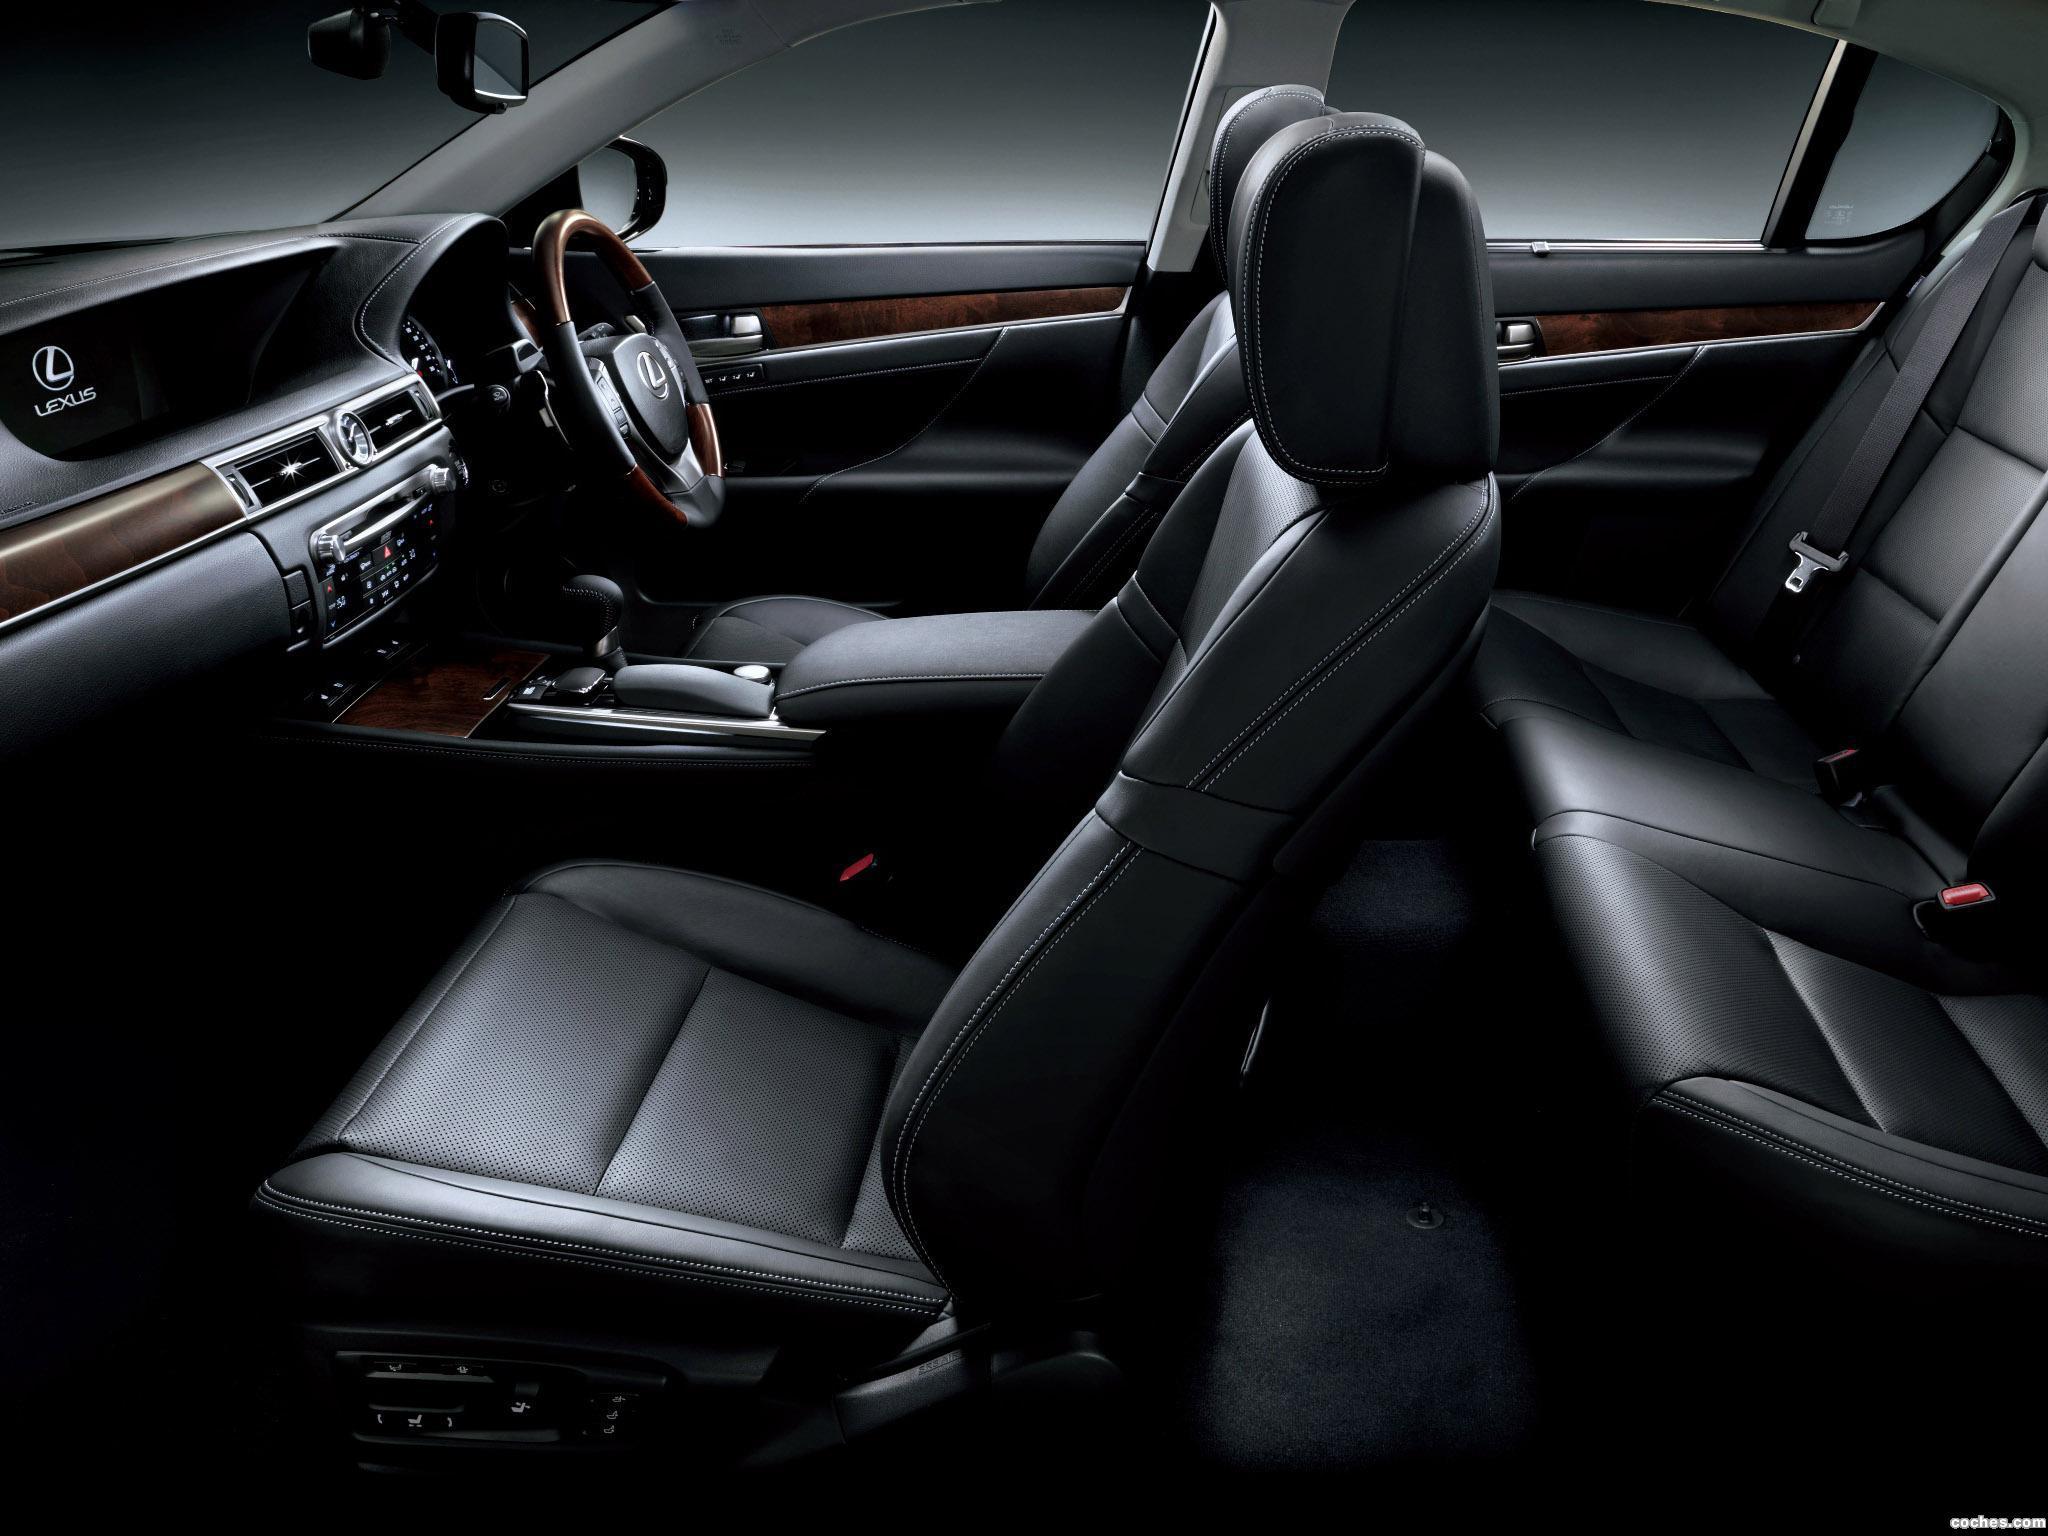 Foto 1 de Lexus GS 350 Japan 2012